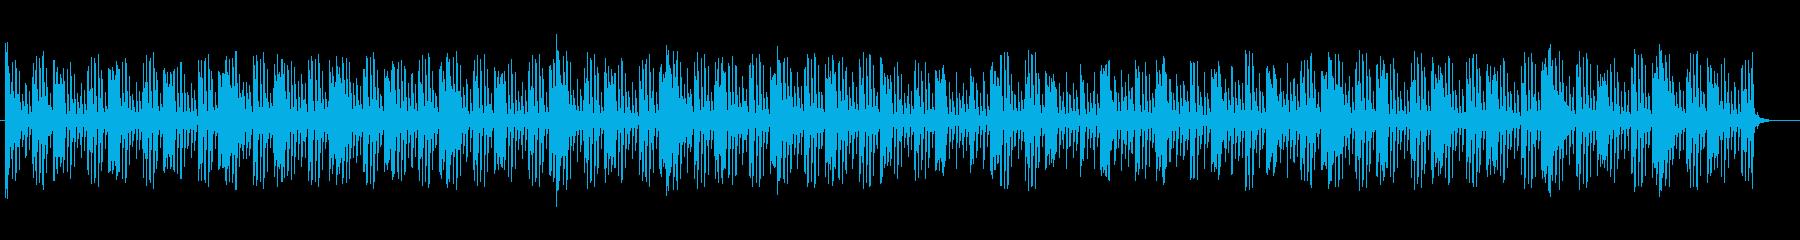 神秘的なシンセが特徴のテクノポップスの再生済みの波形